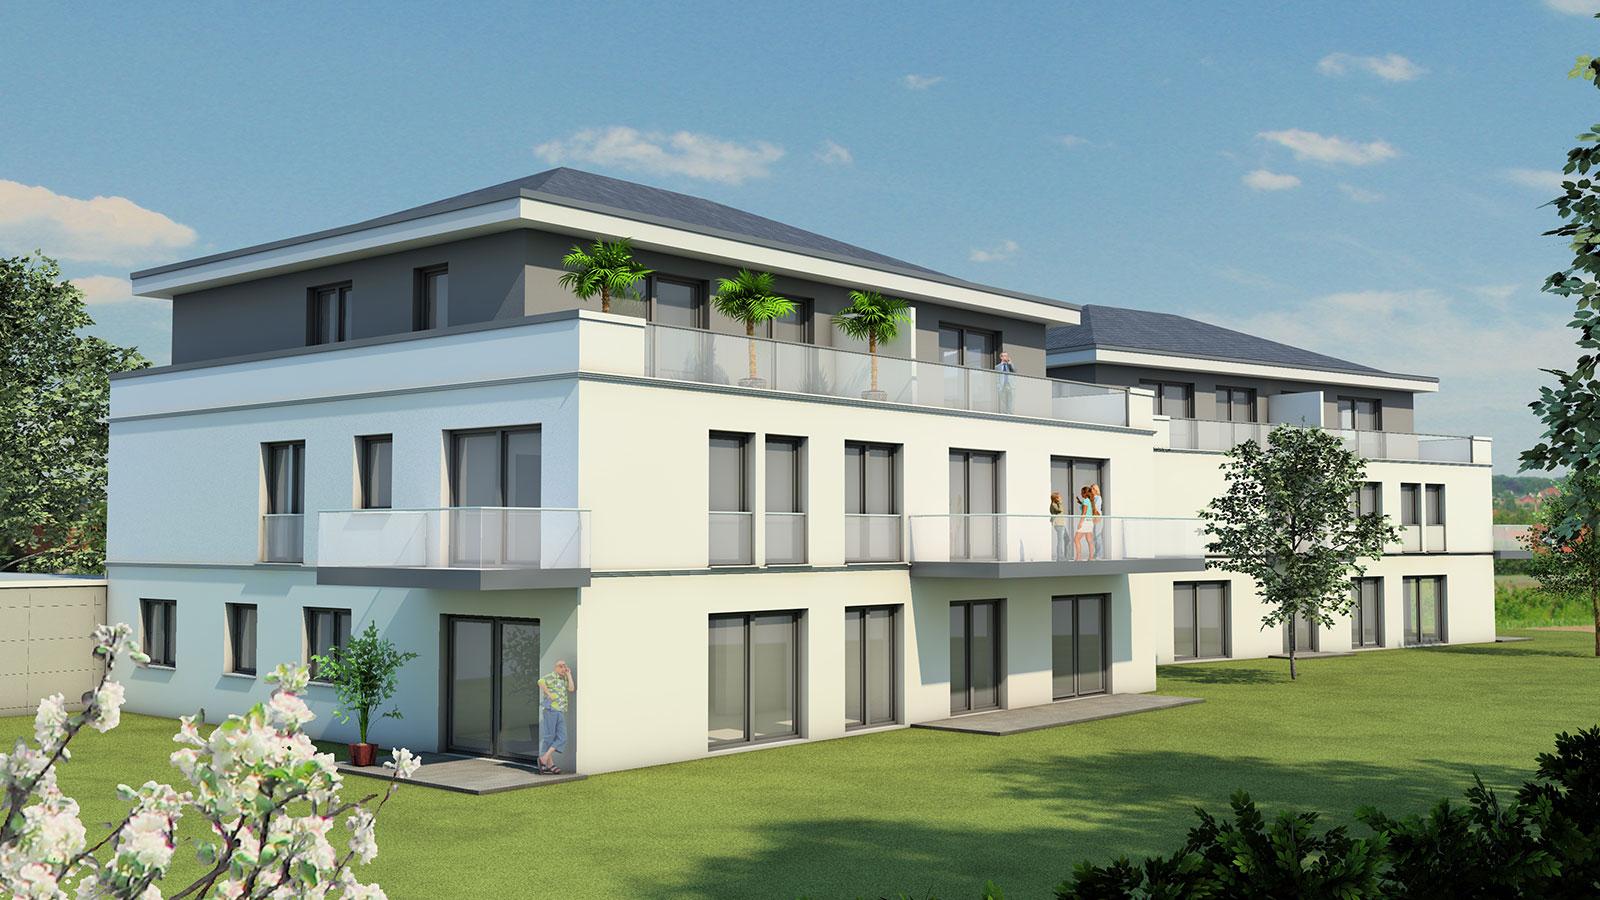 DM BauConcept GmbH - Bauprojekt Harsewinkel